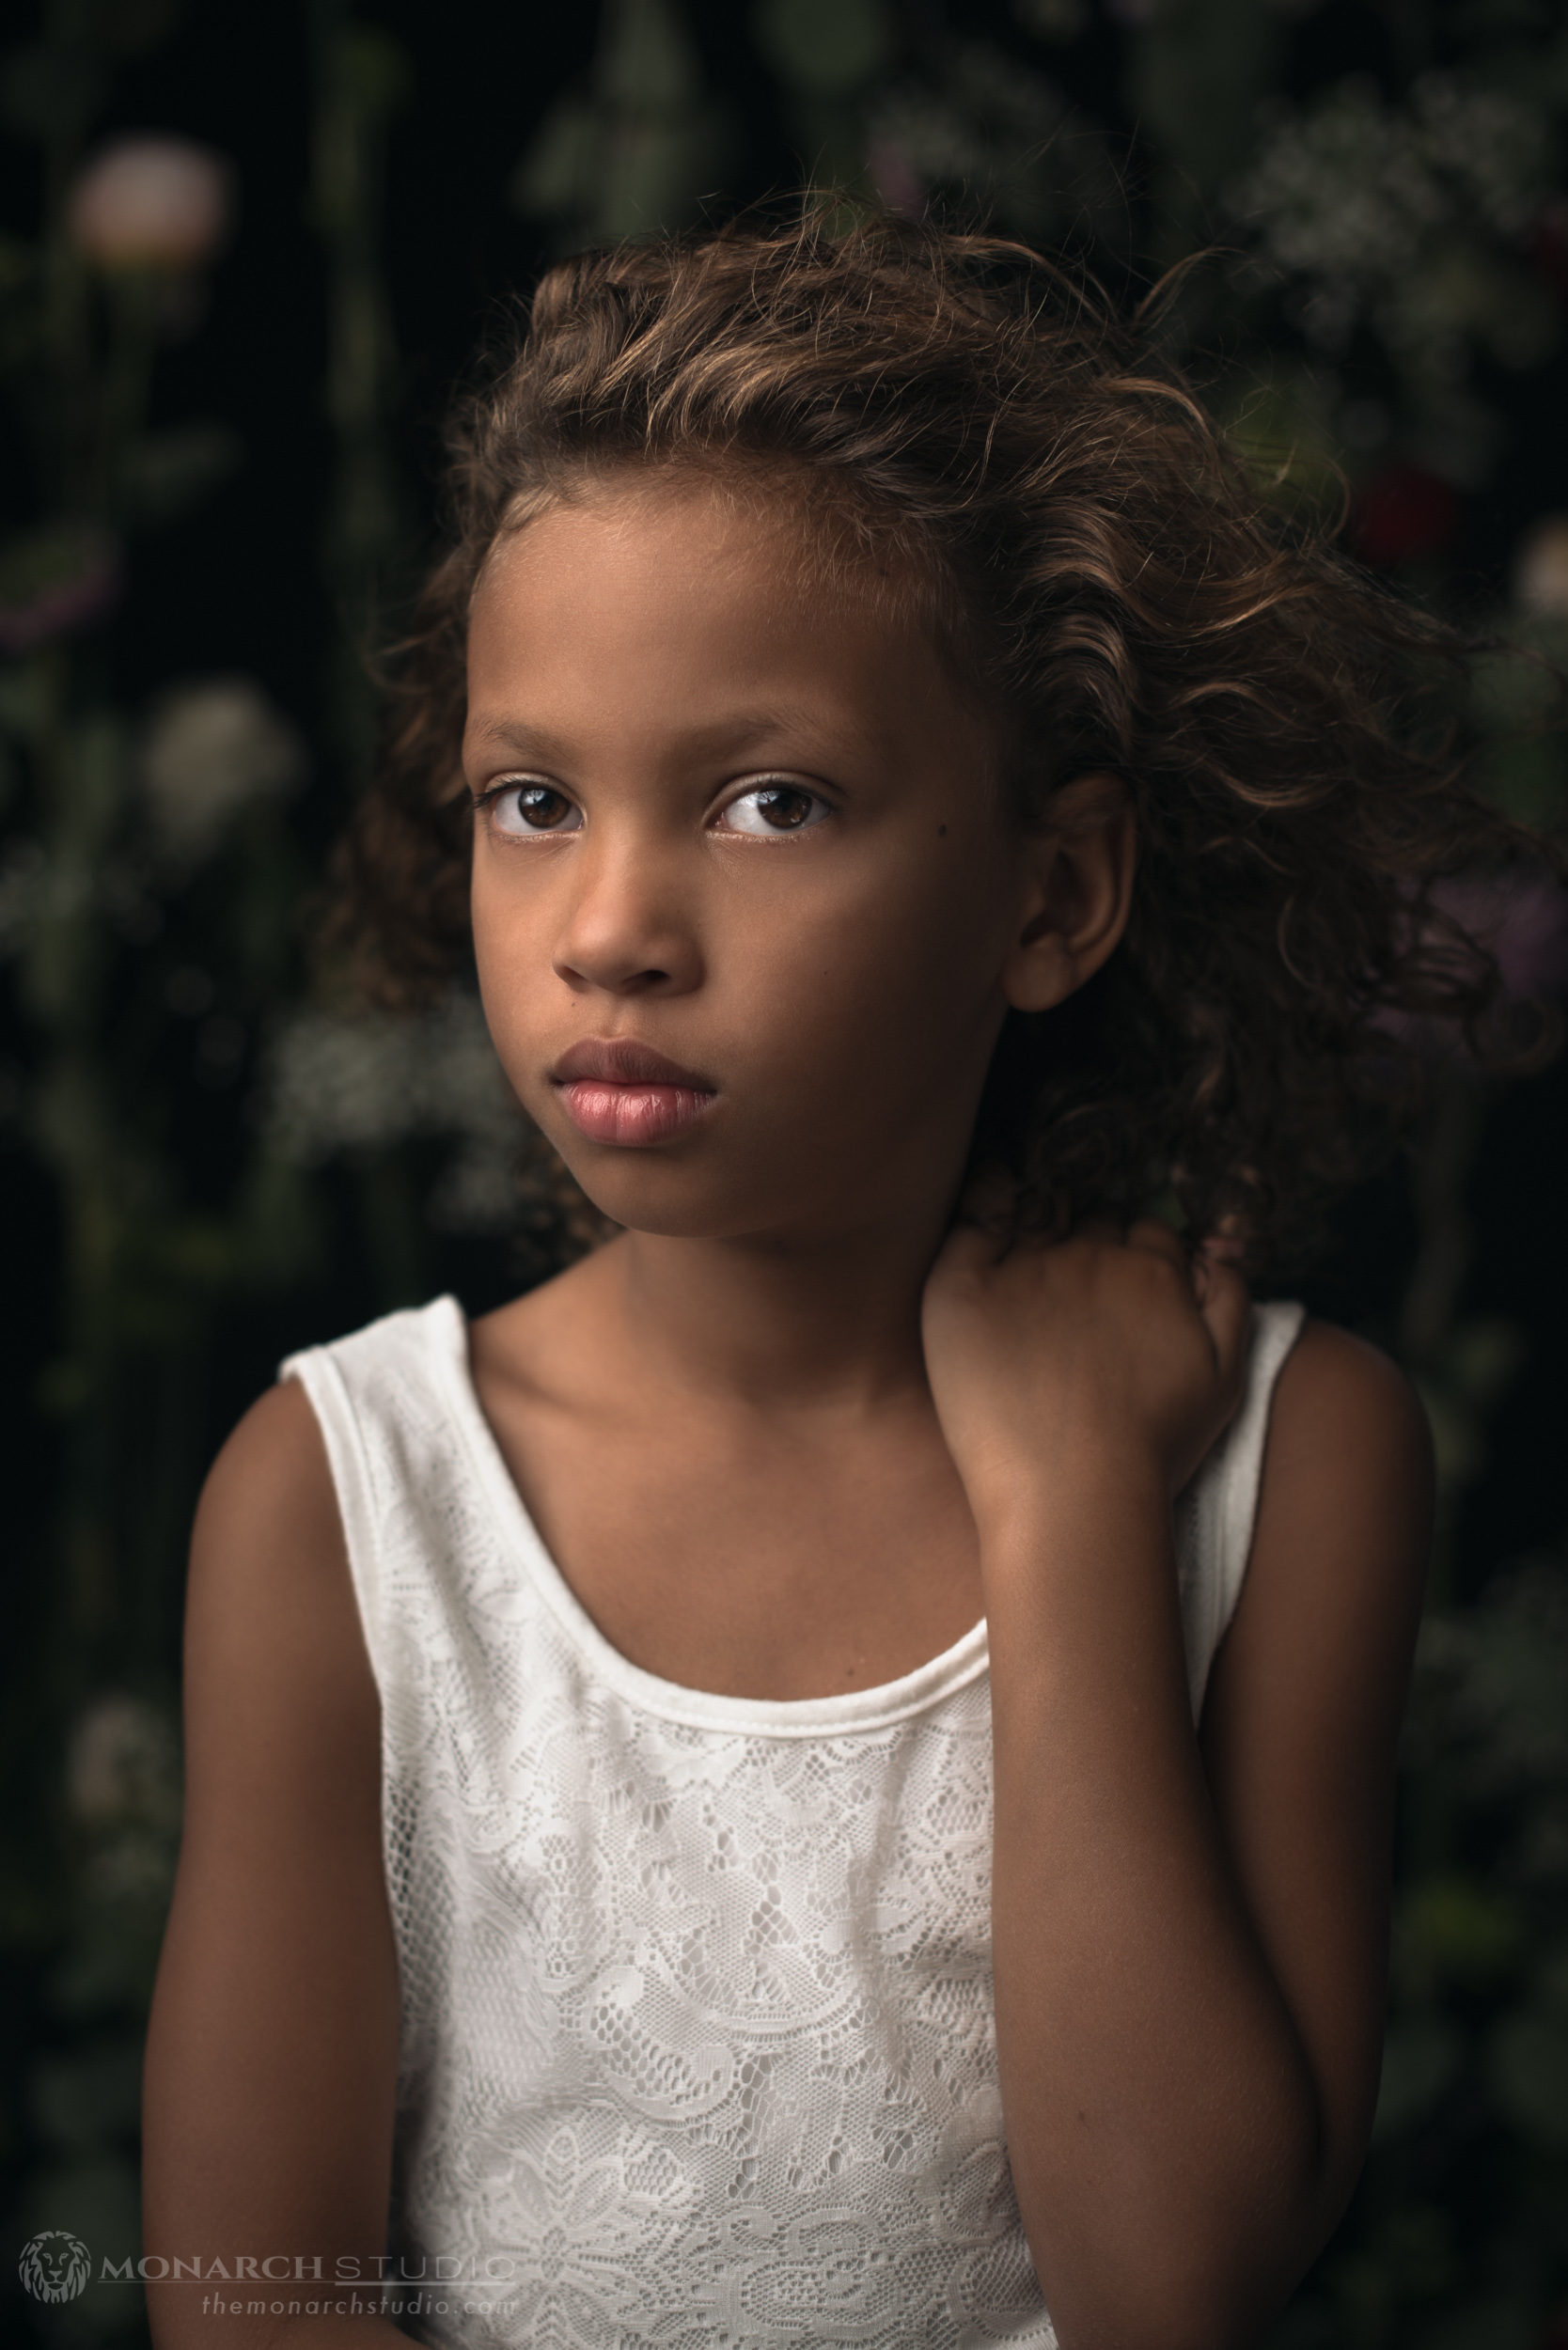 Beautiful Kids Photography